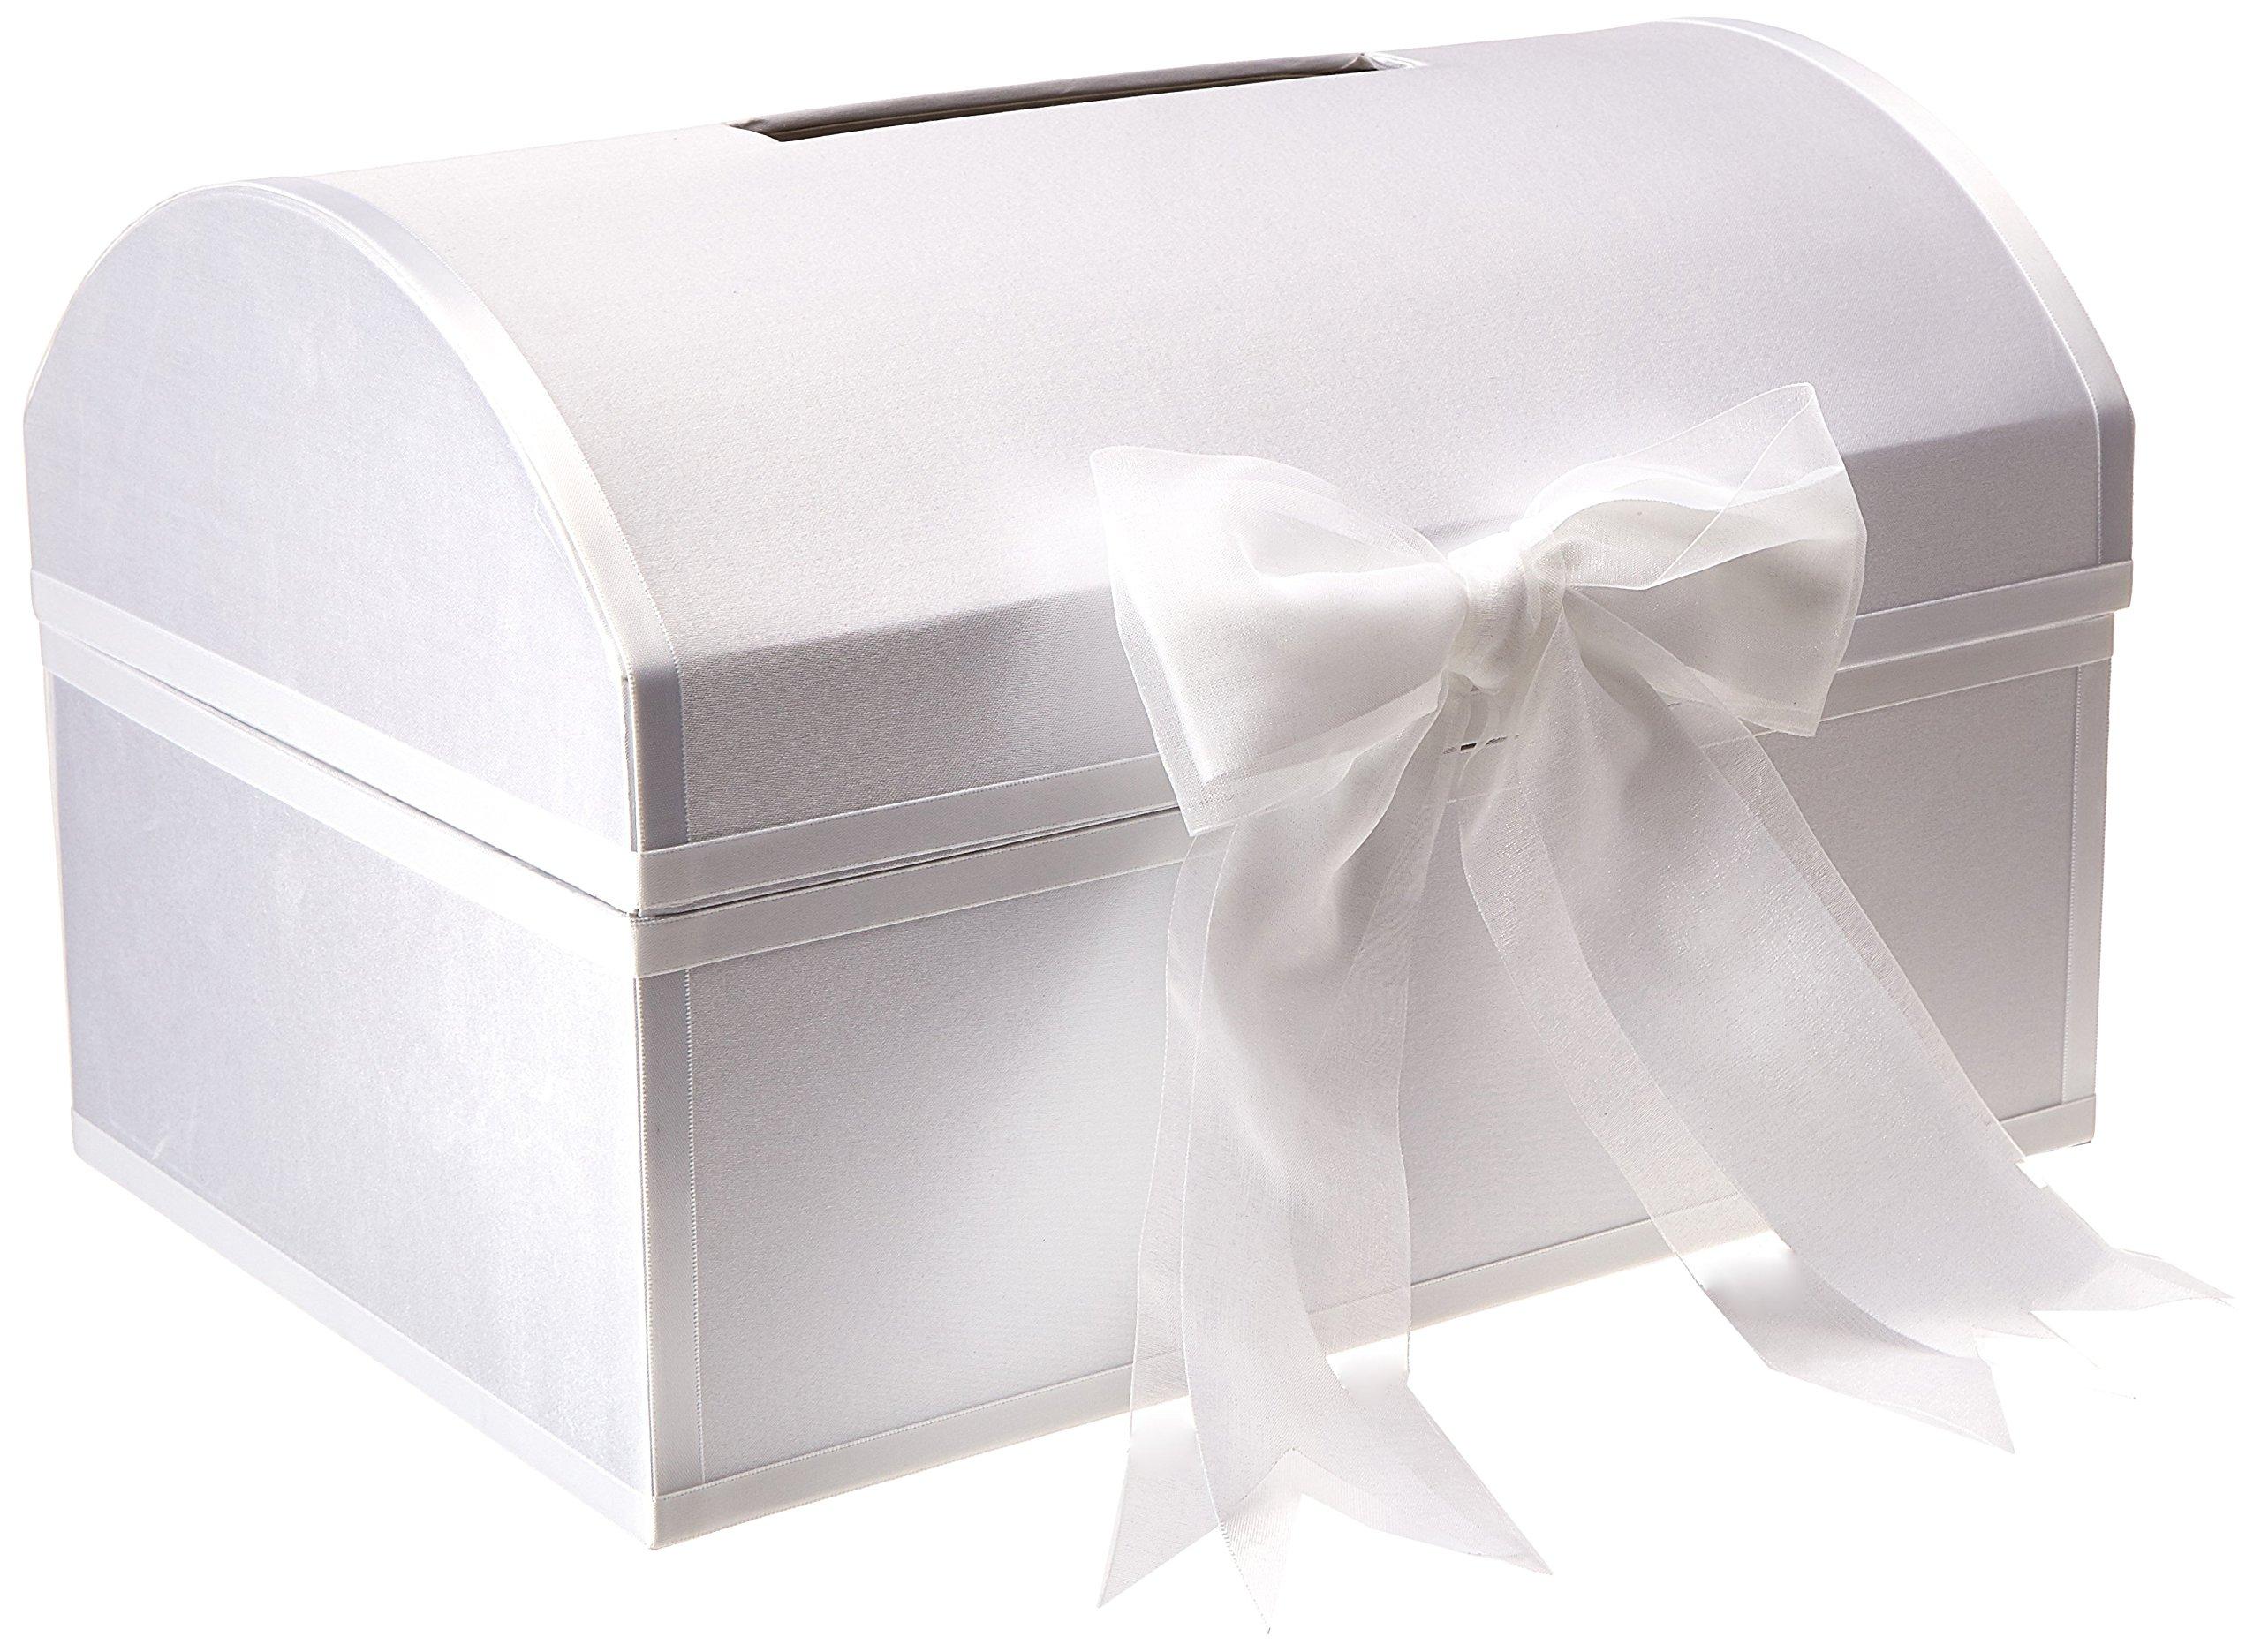 Hortense B. Hewitt 85105 Greeting Card Treasure Box, 13.75-Inches, White